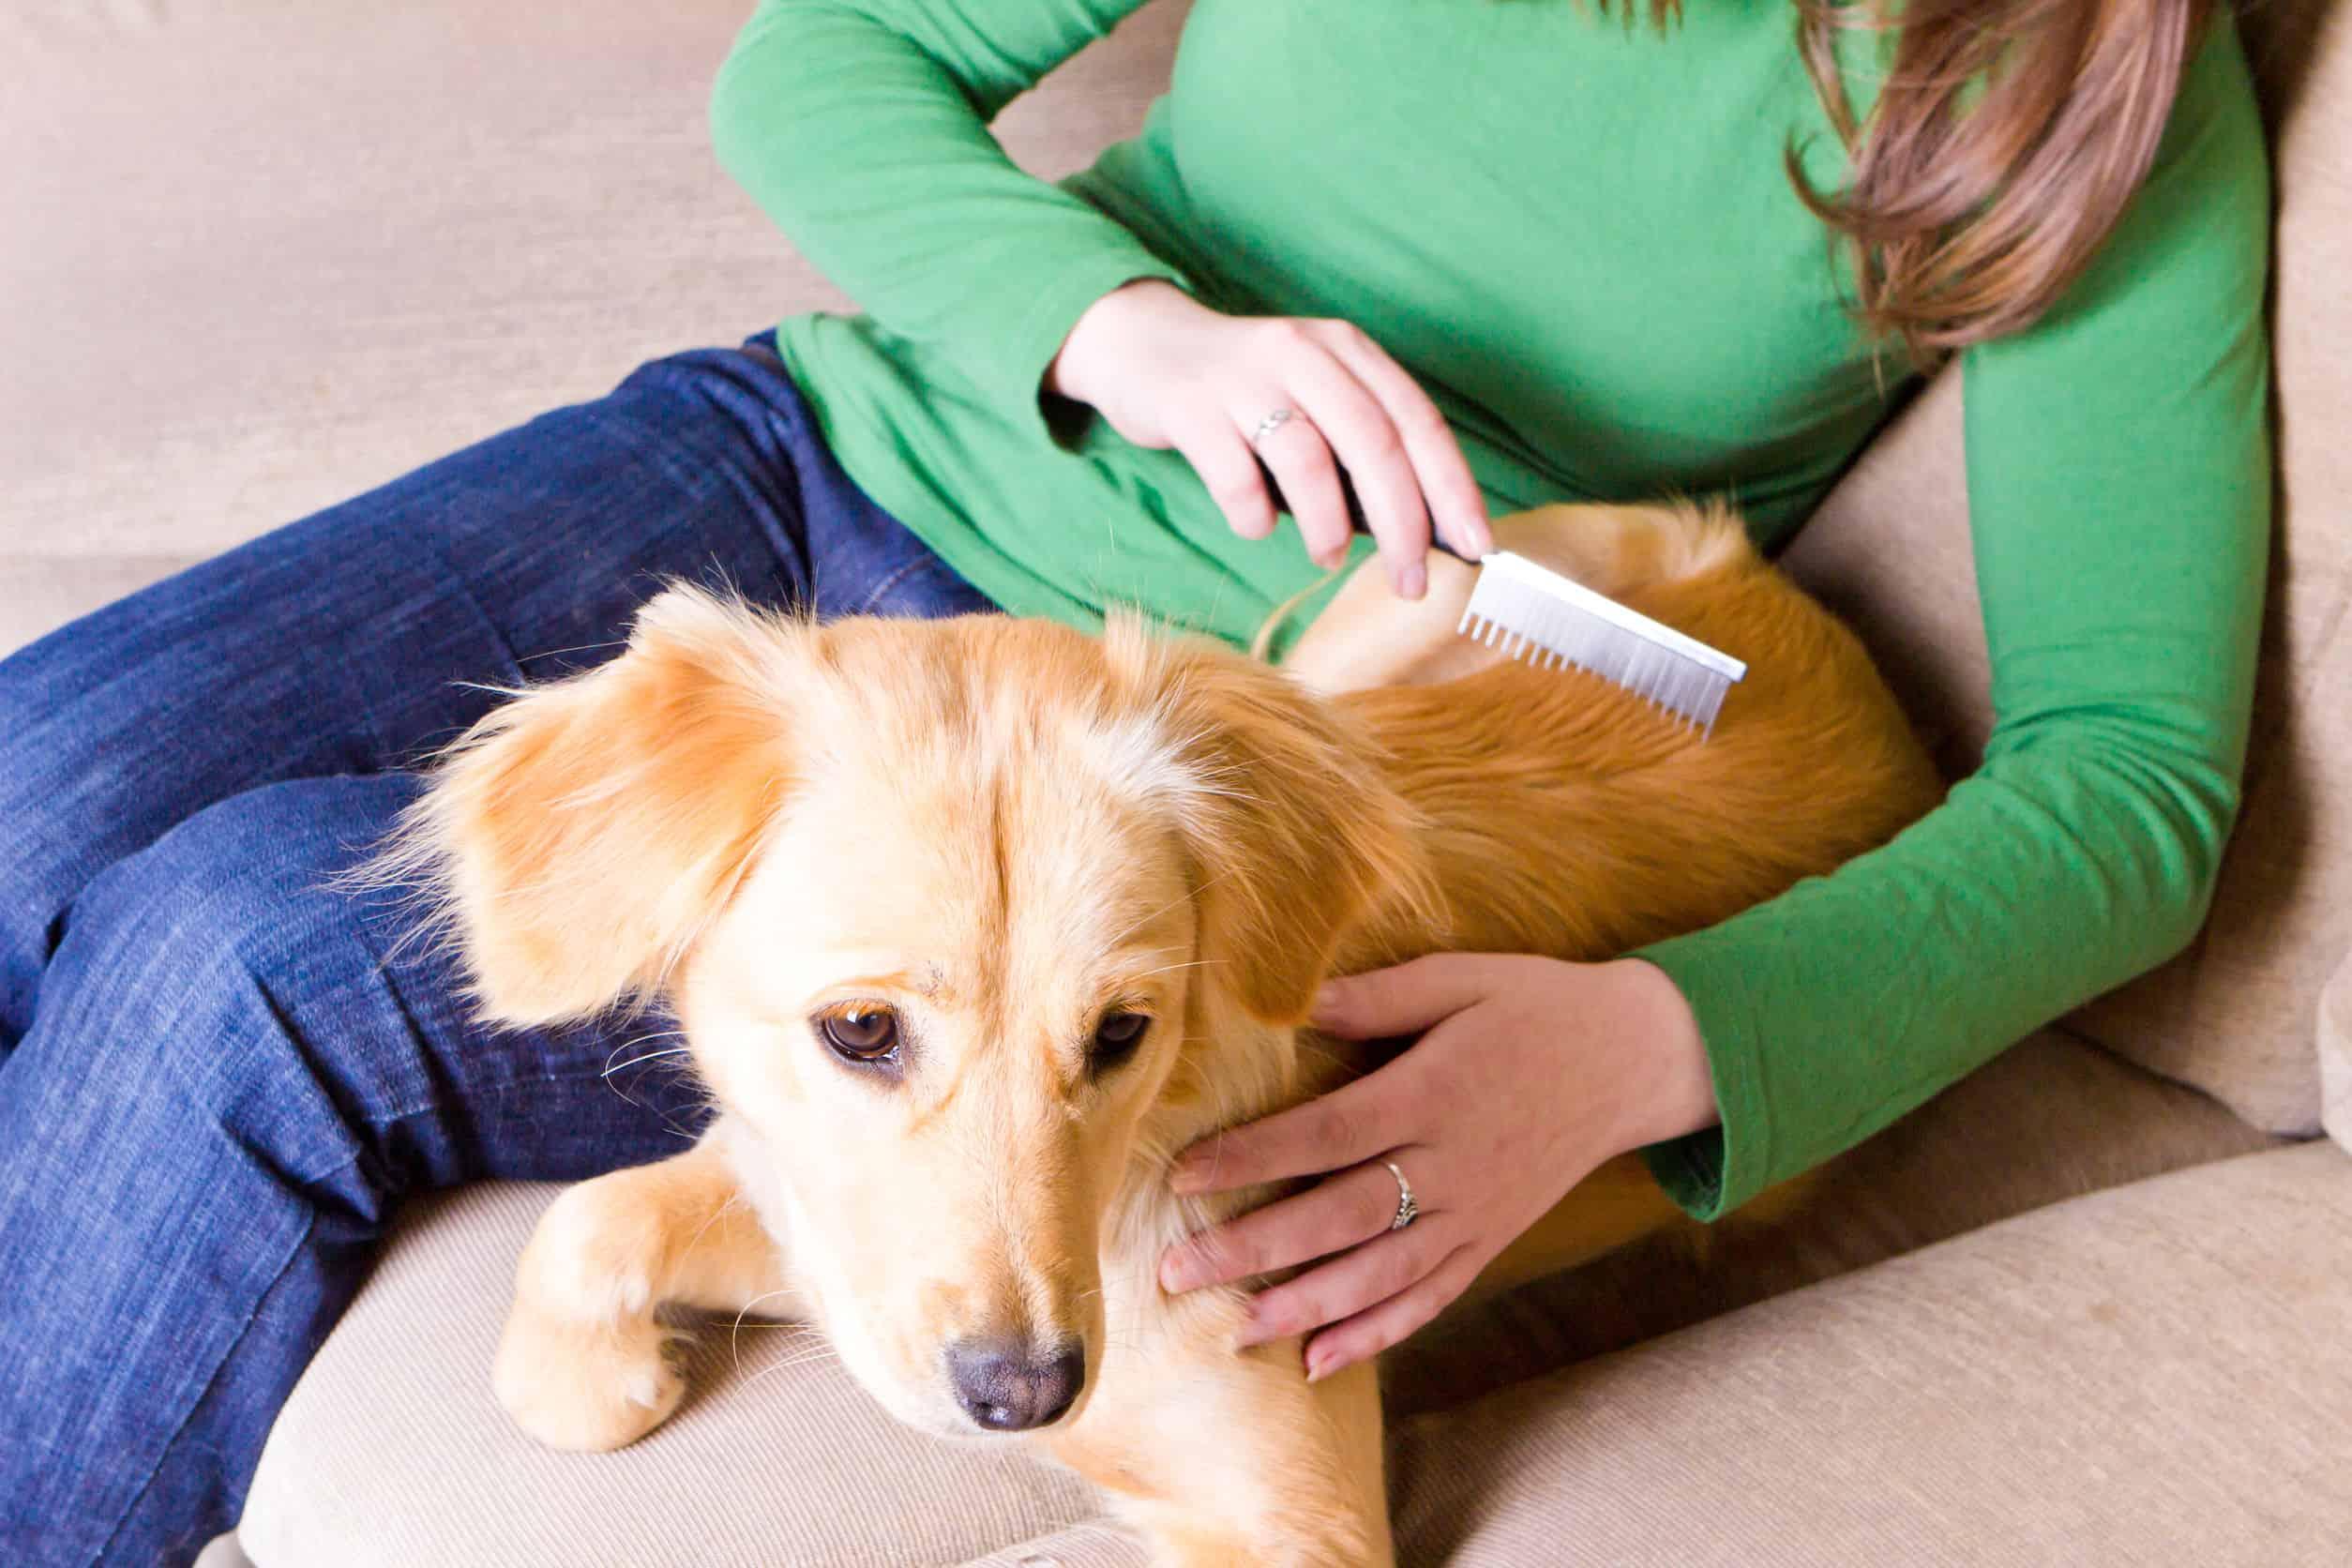 Hundebürste: Test & Empfehlungen (05/20)